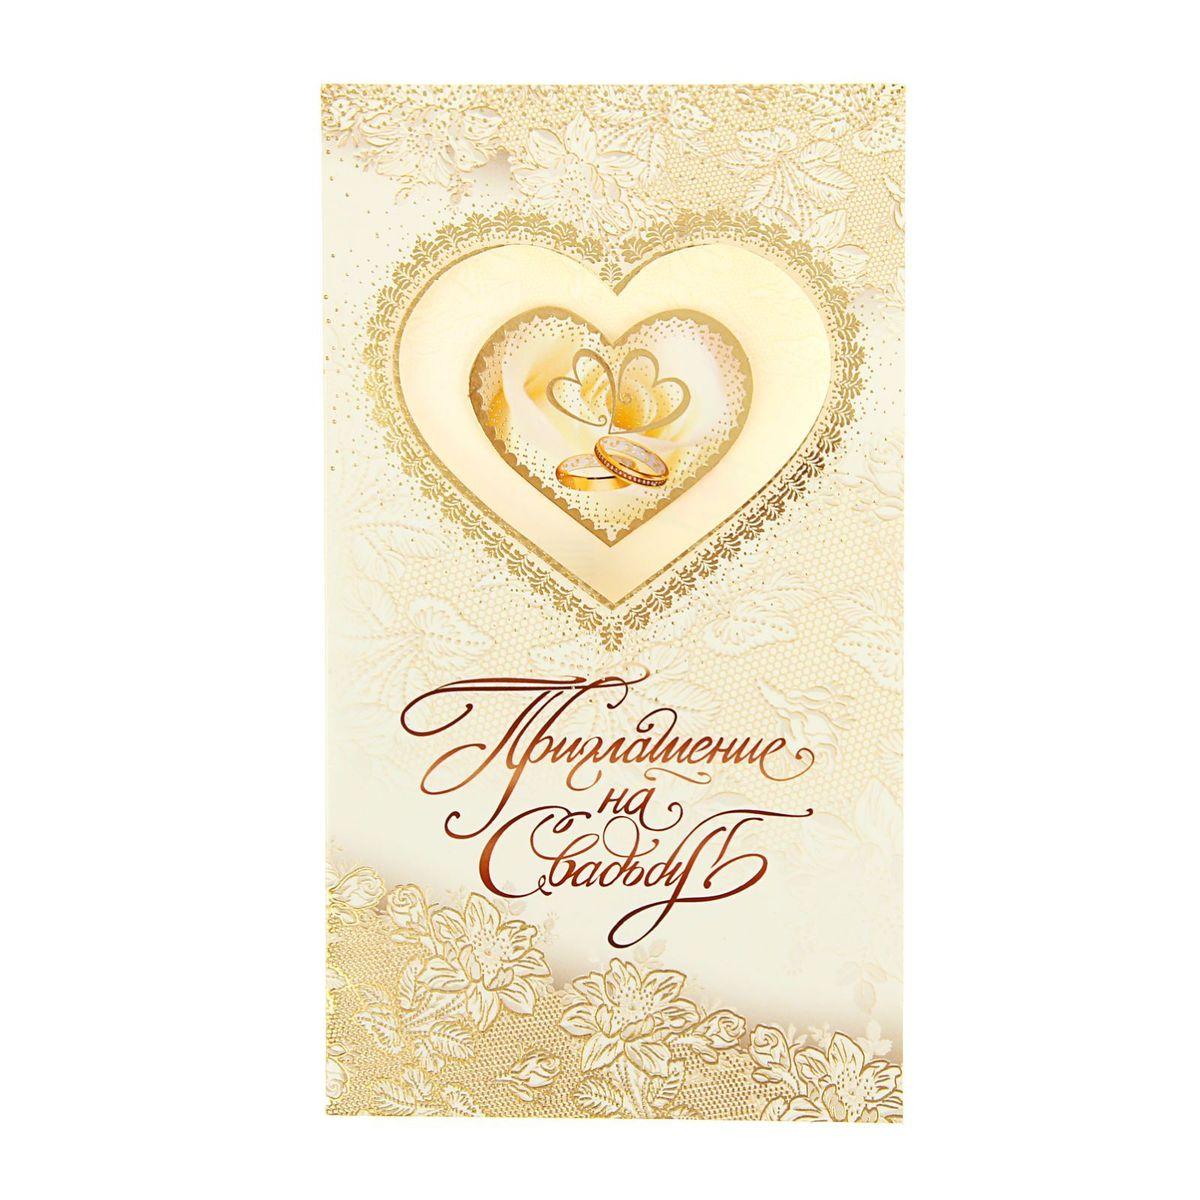 Эдельвейс Приглашение на свадьбу, сердца и кольца